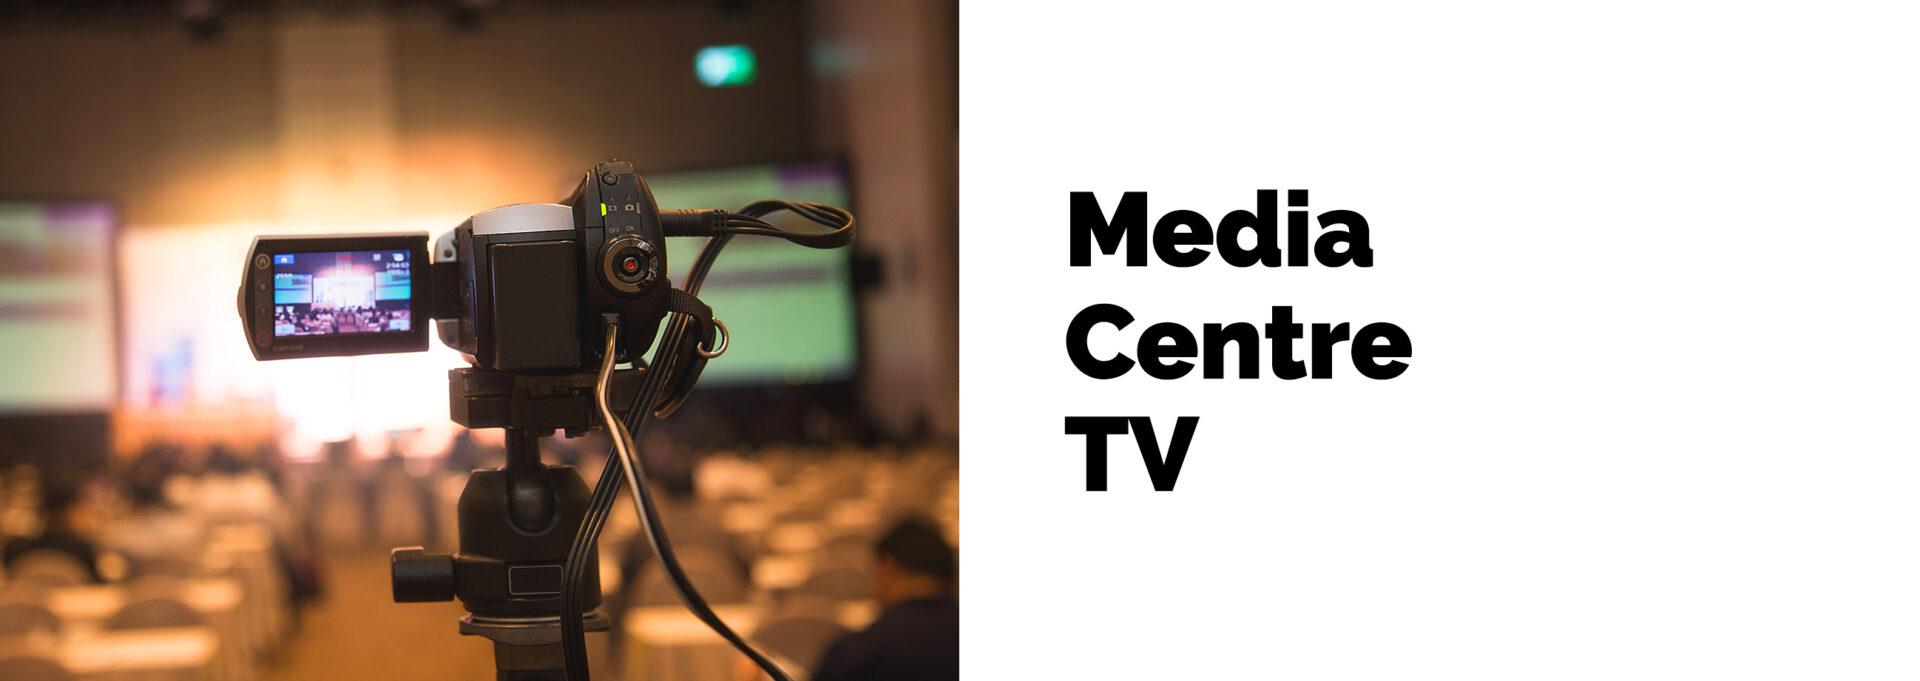 GraceKennedy Media Center Tv